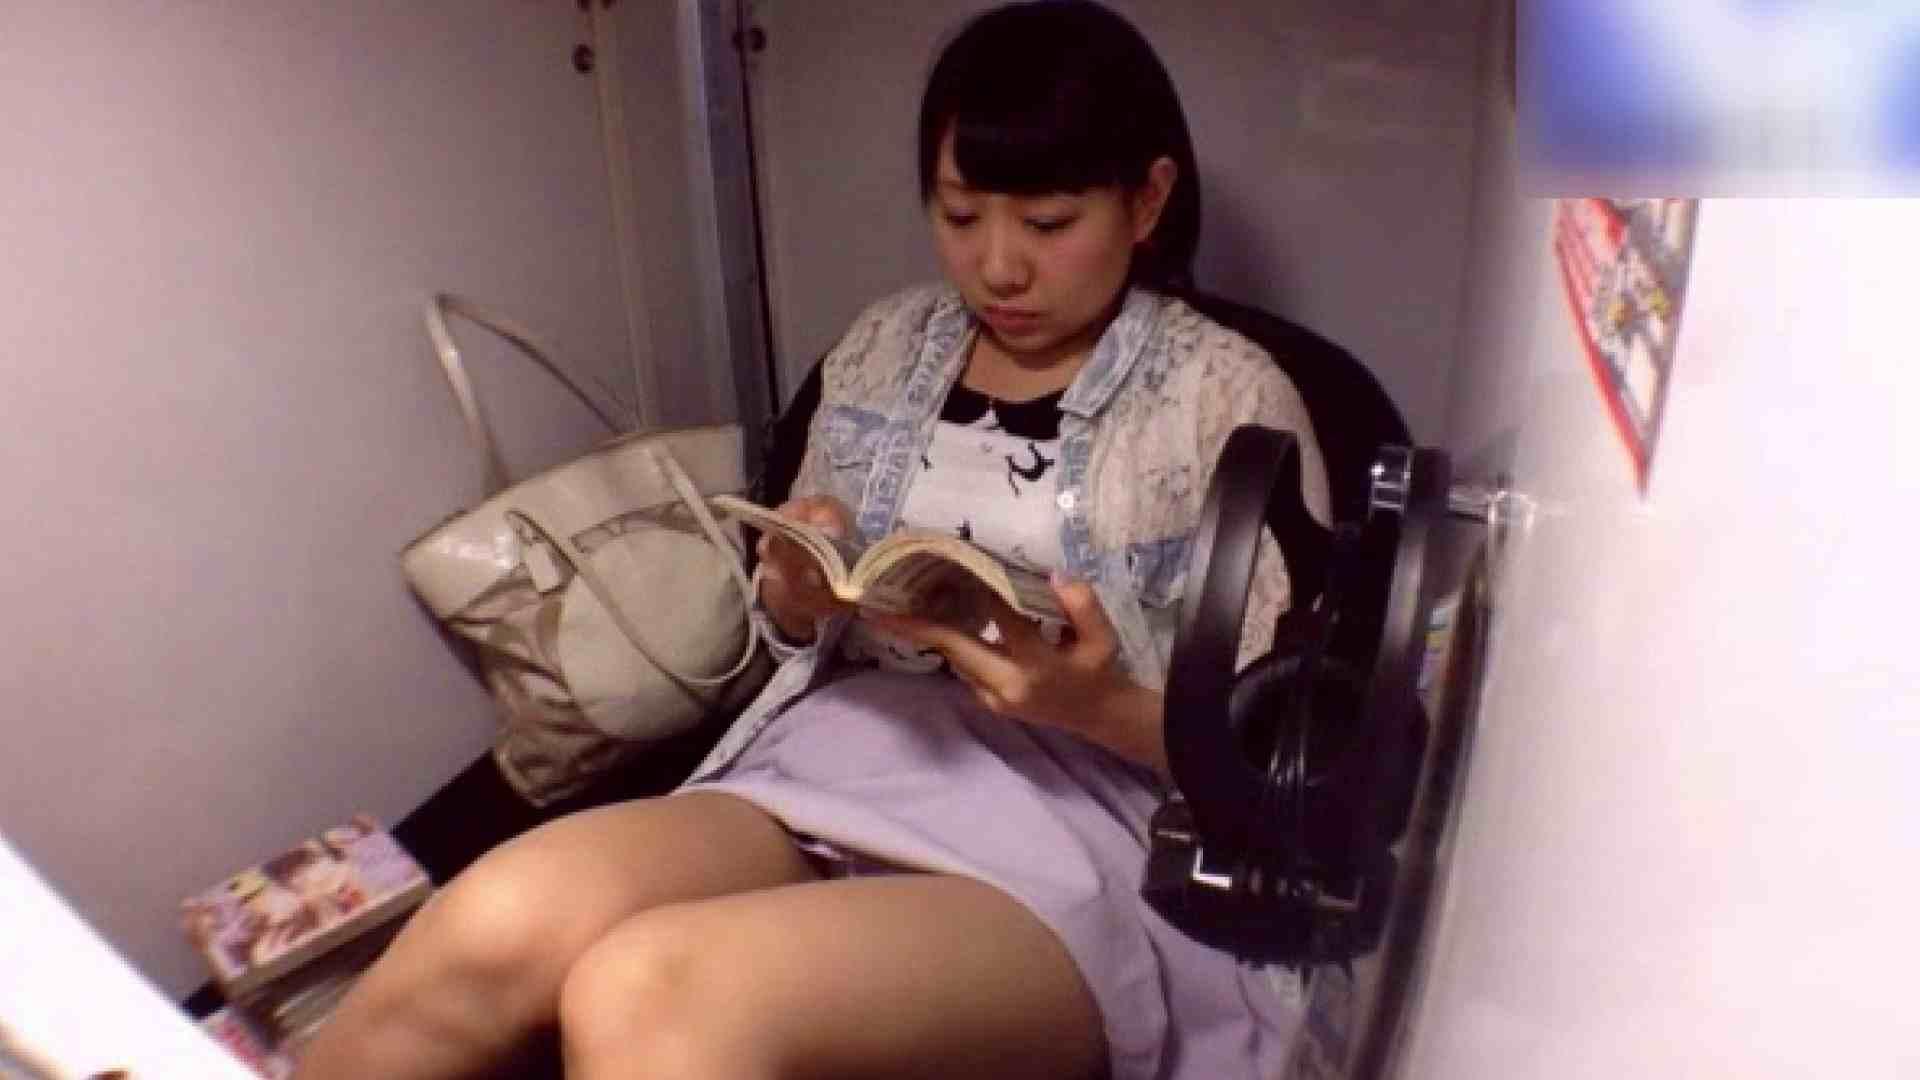 変態オナニー劇場 Vol.25 オナニーし放題   独身エッチOL  102pic 15